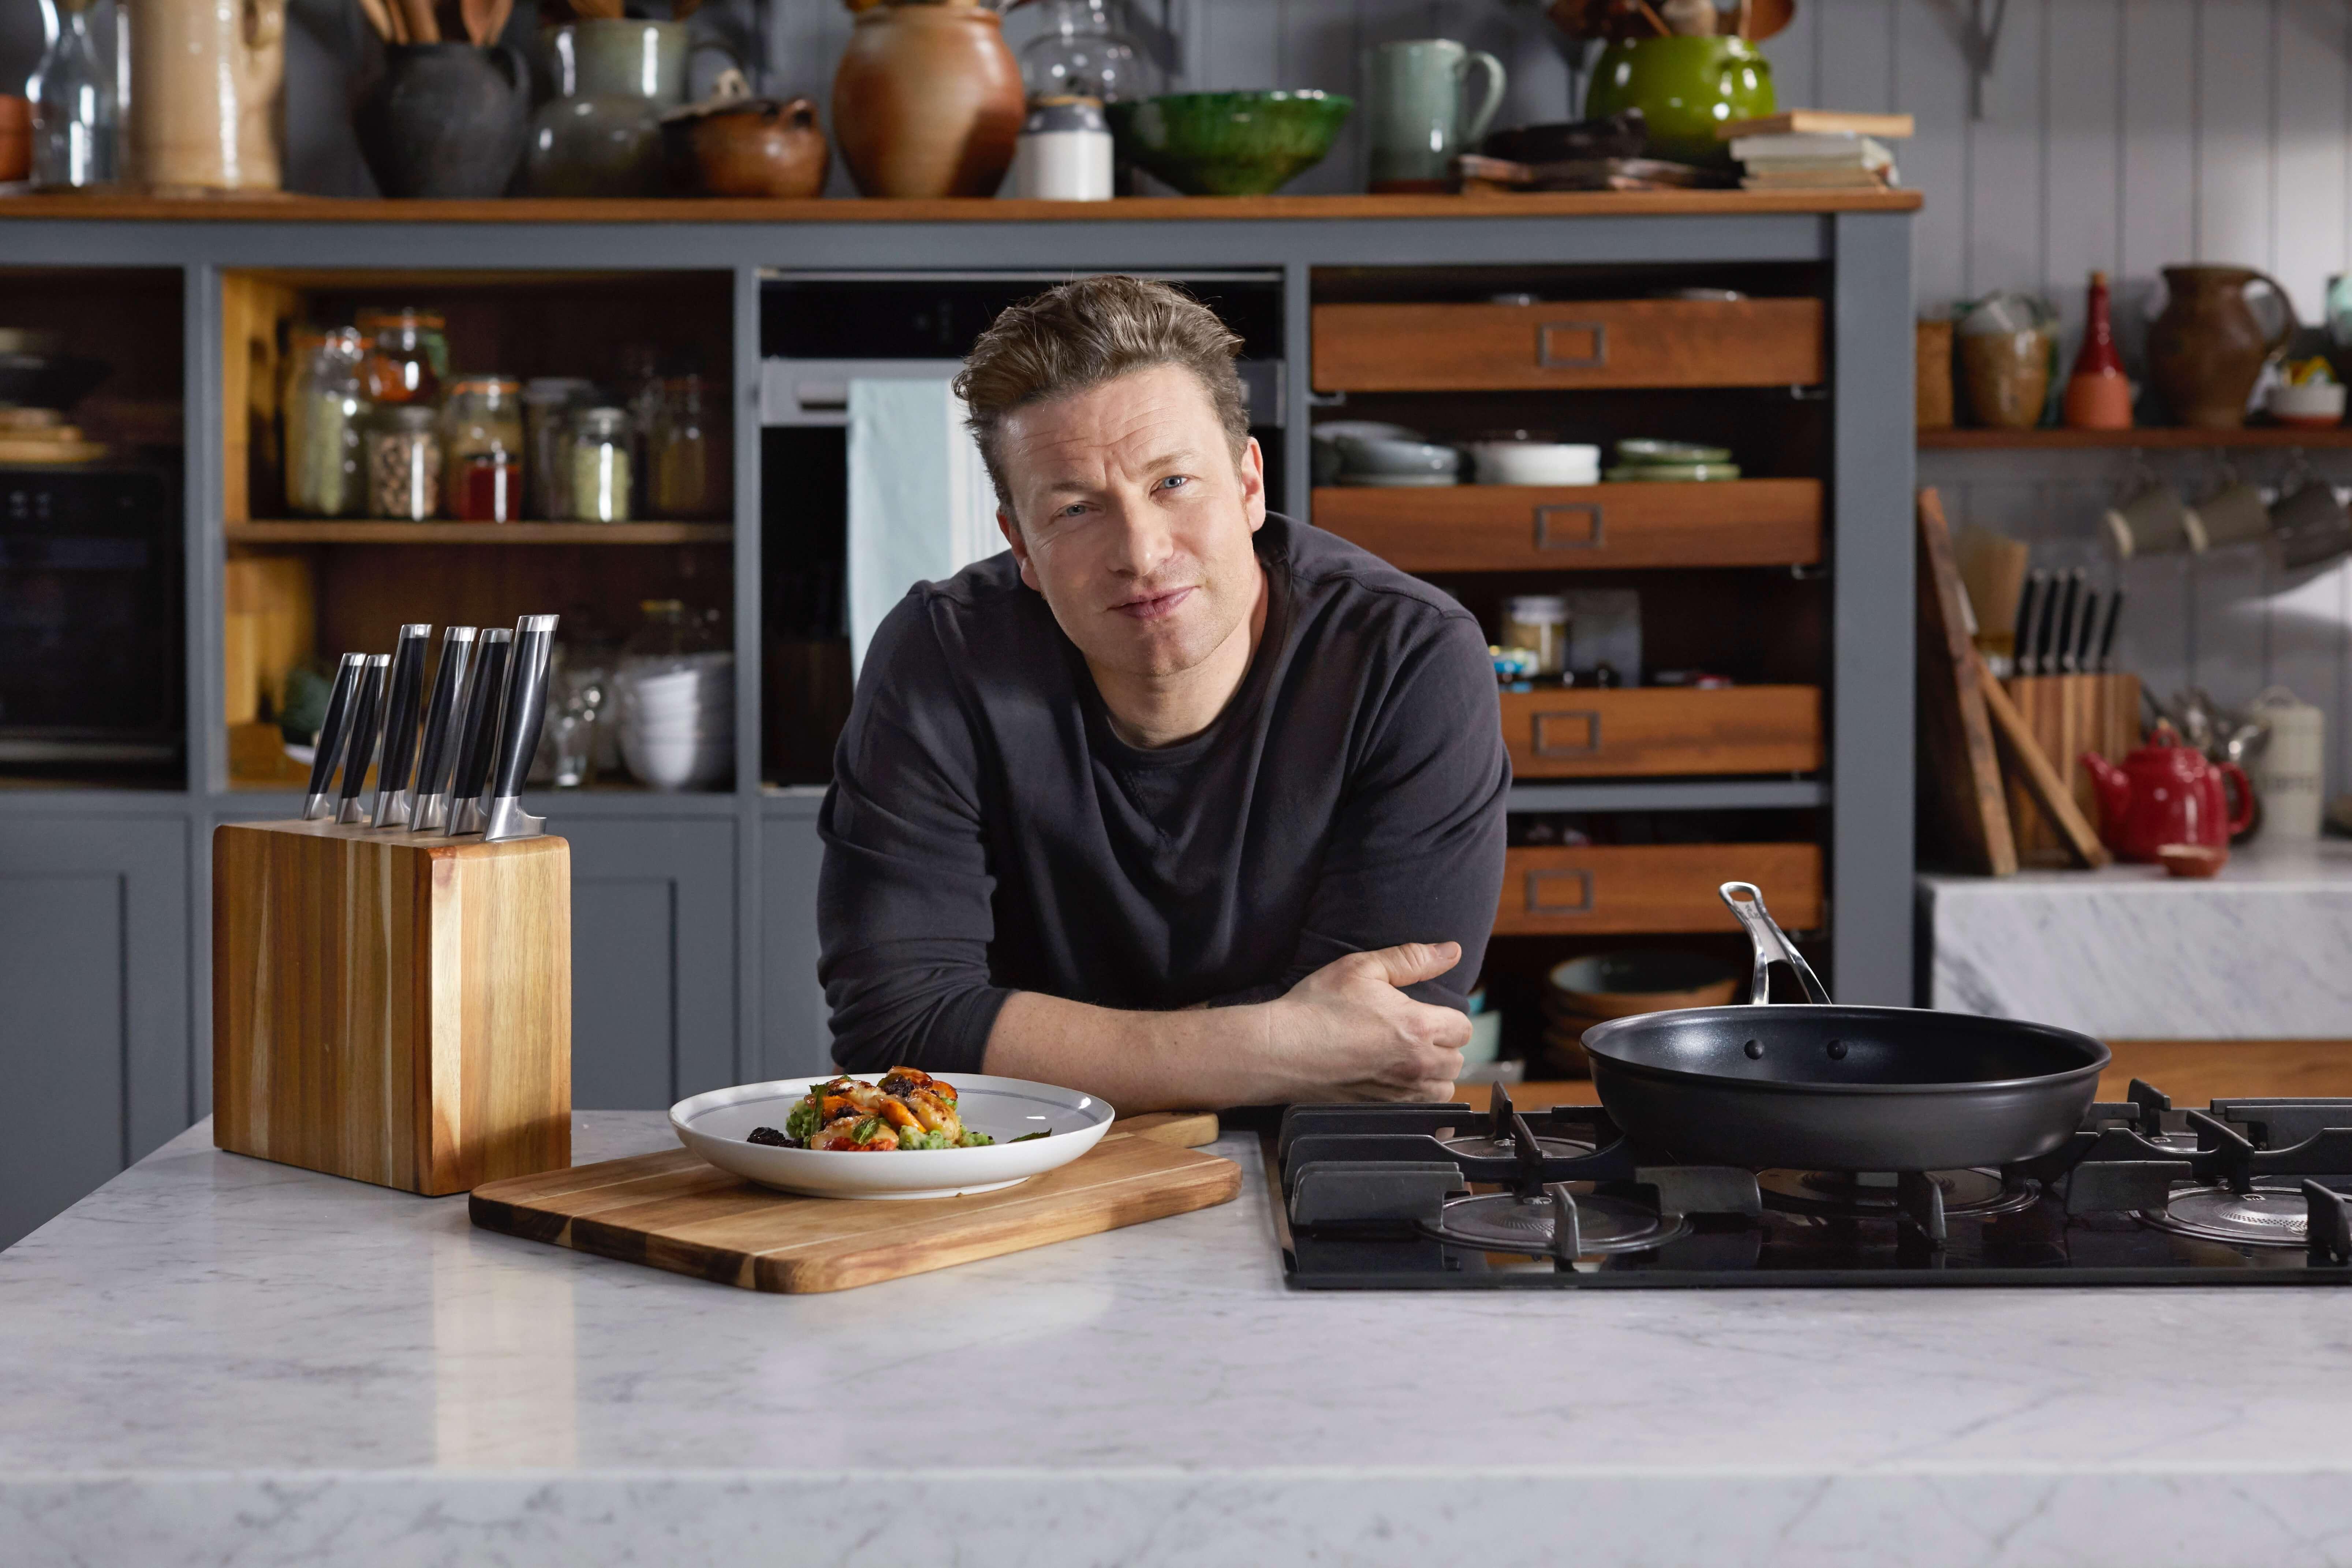 Jamie in his kitchen